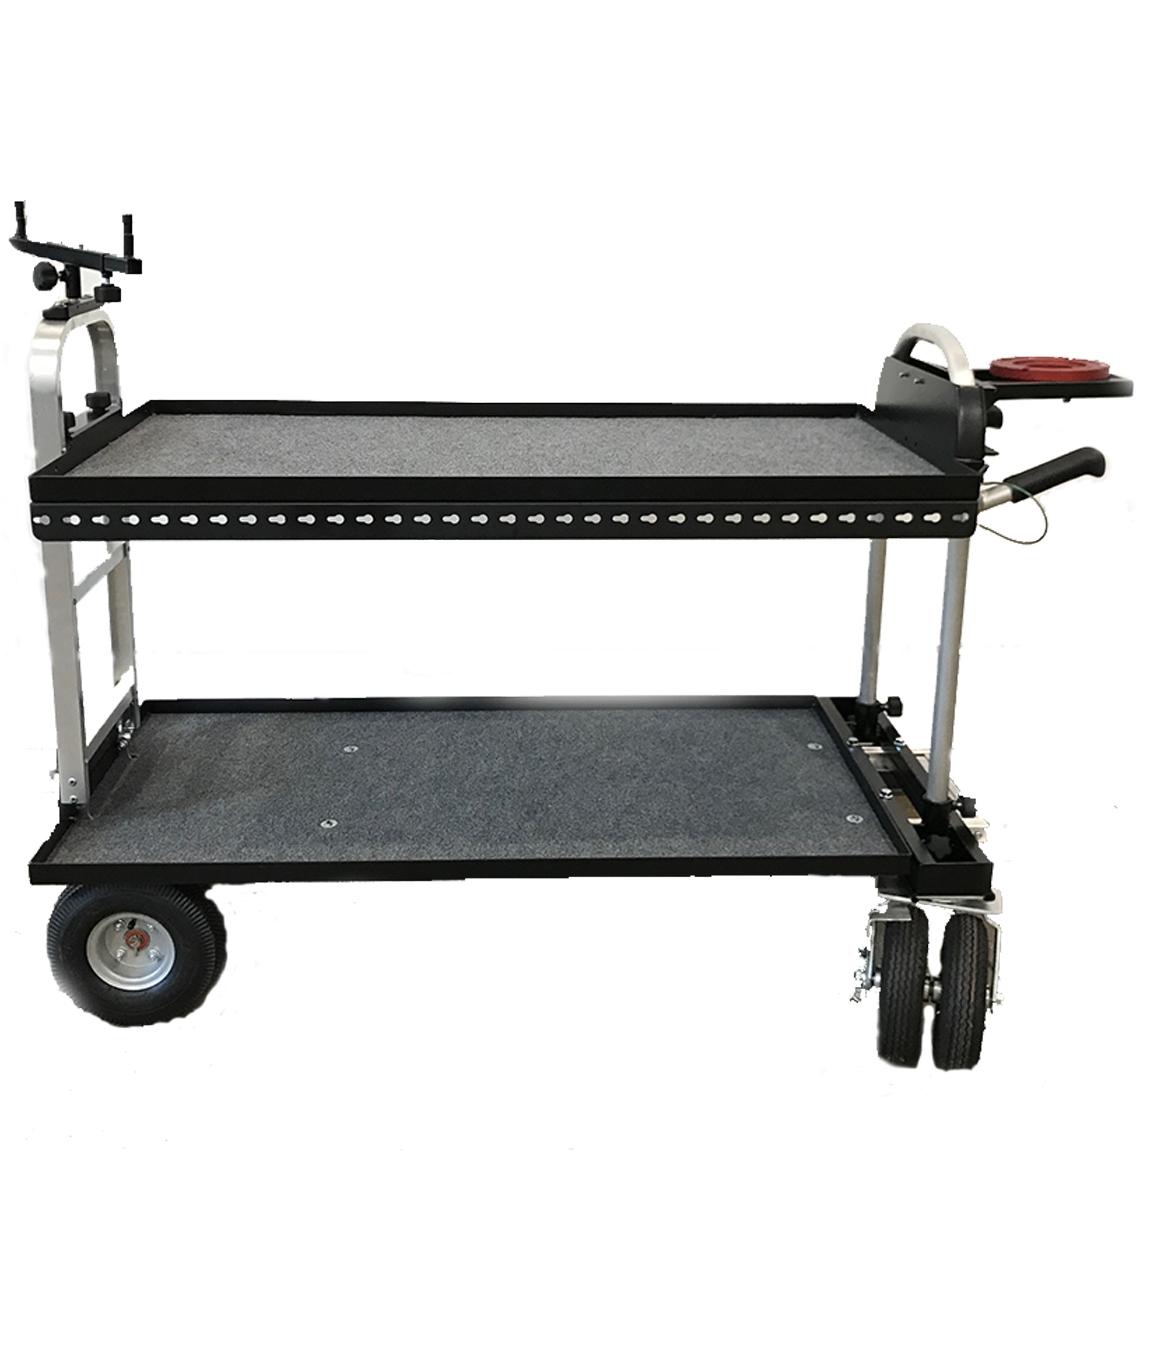 Magliner Backstage Senior Production Cart Rental